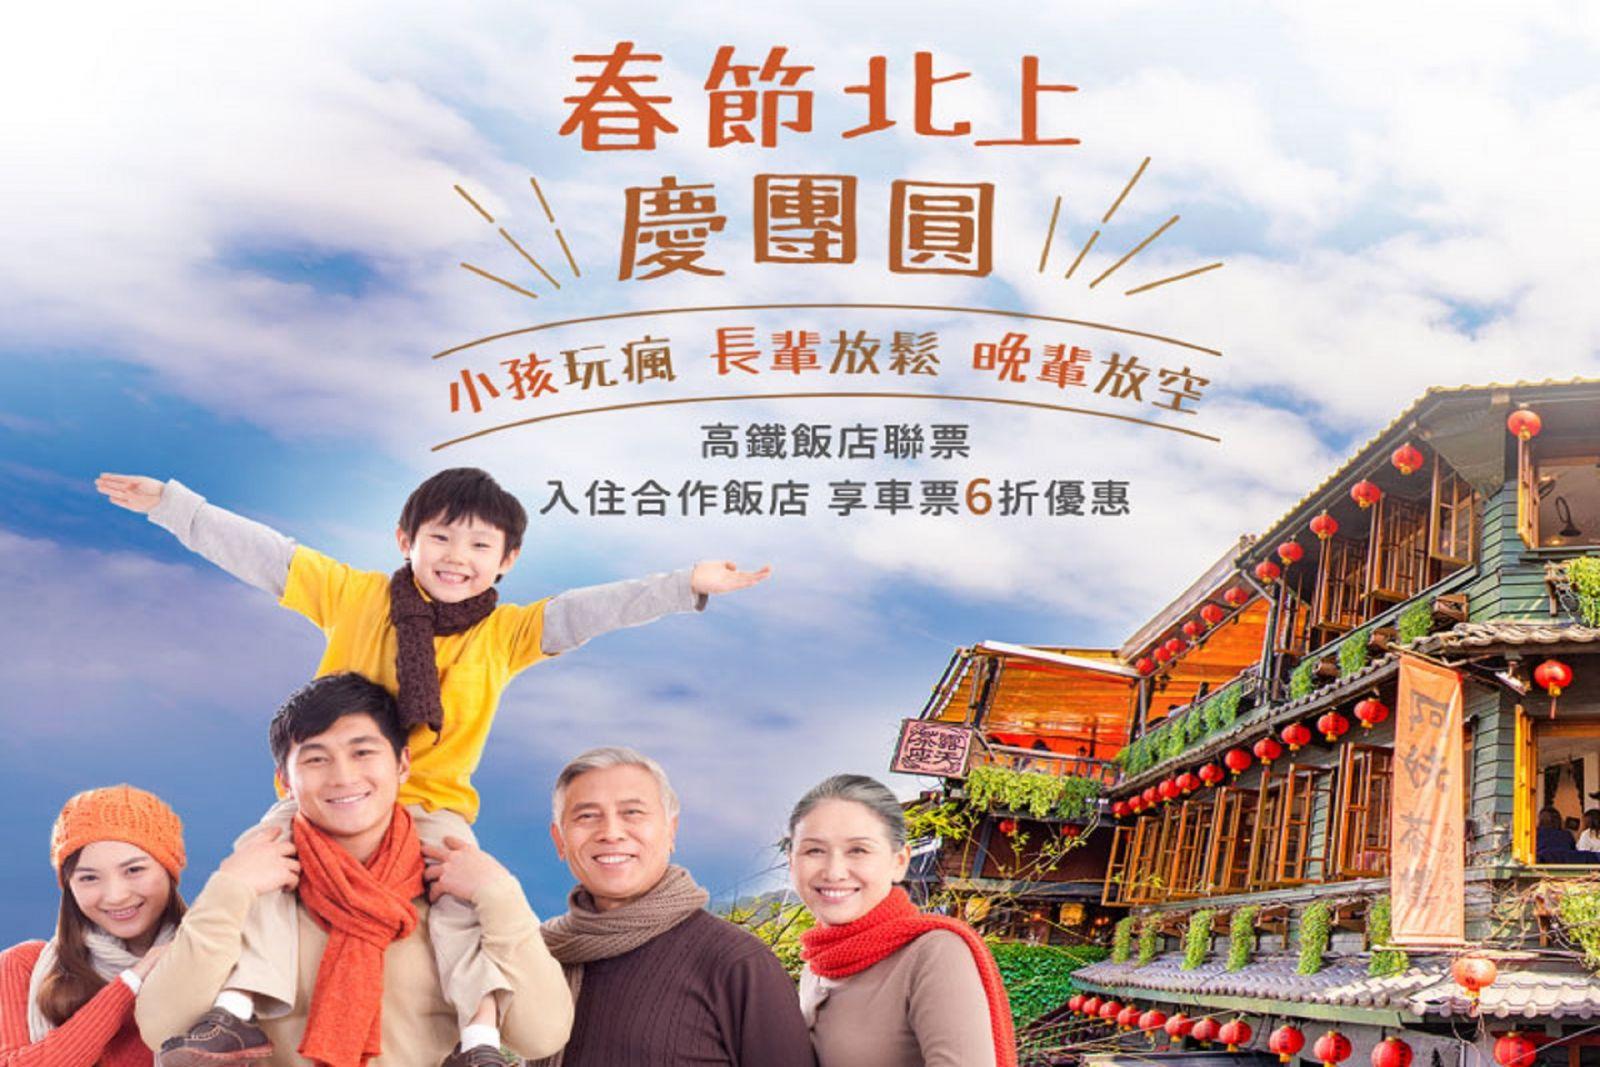 【2021/2/8~2/18】高鐵飯店聯票享加購高鐵6折優惠